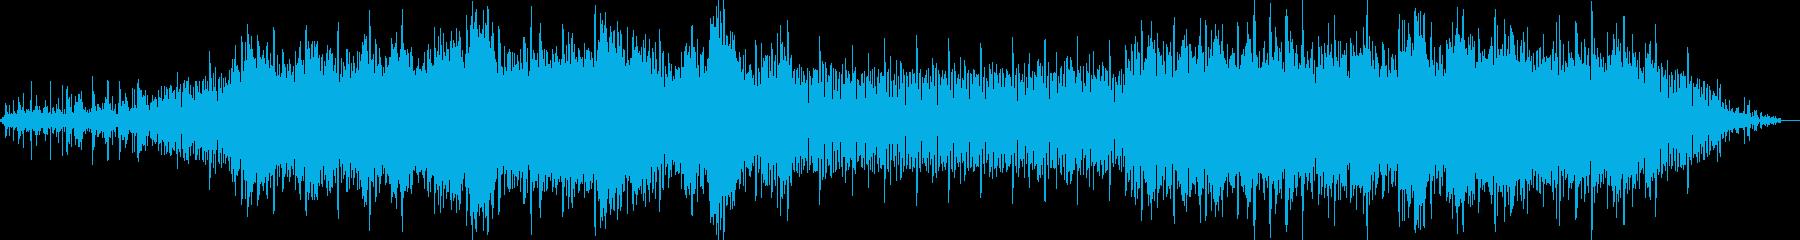 水辺や森をイメージした曲の再生済みの波形